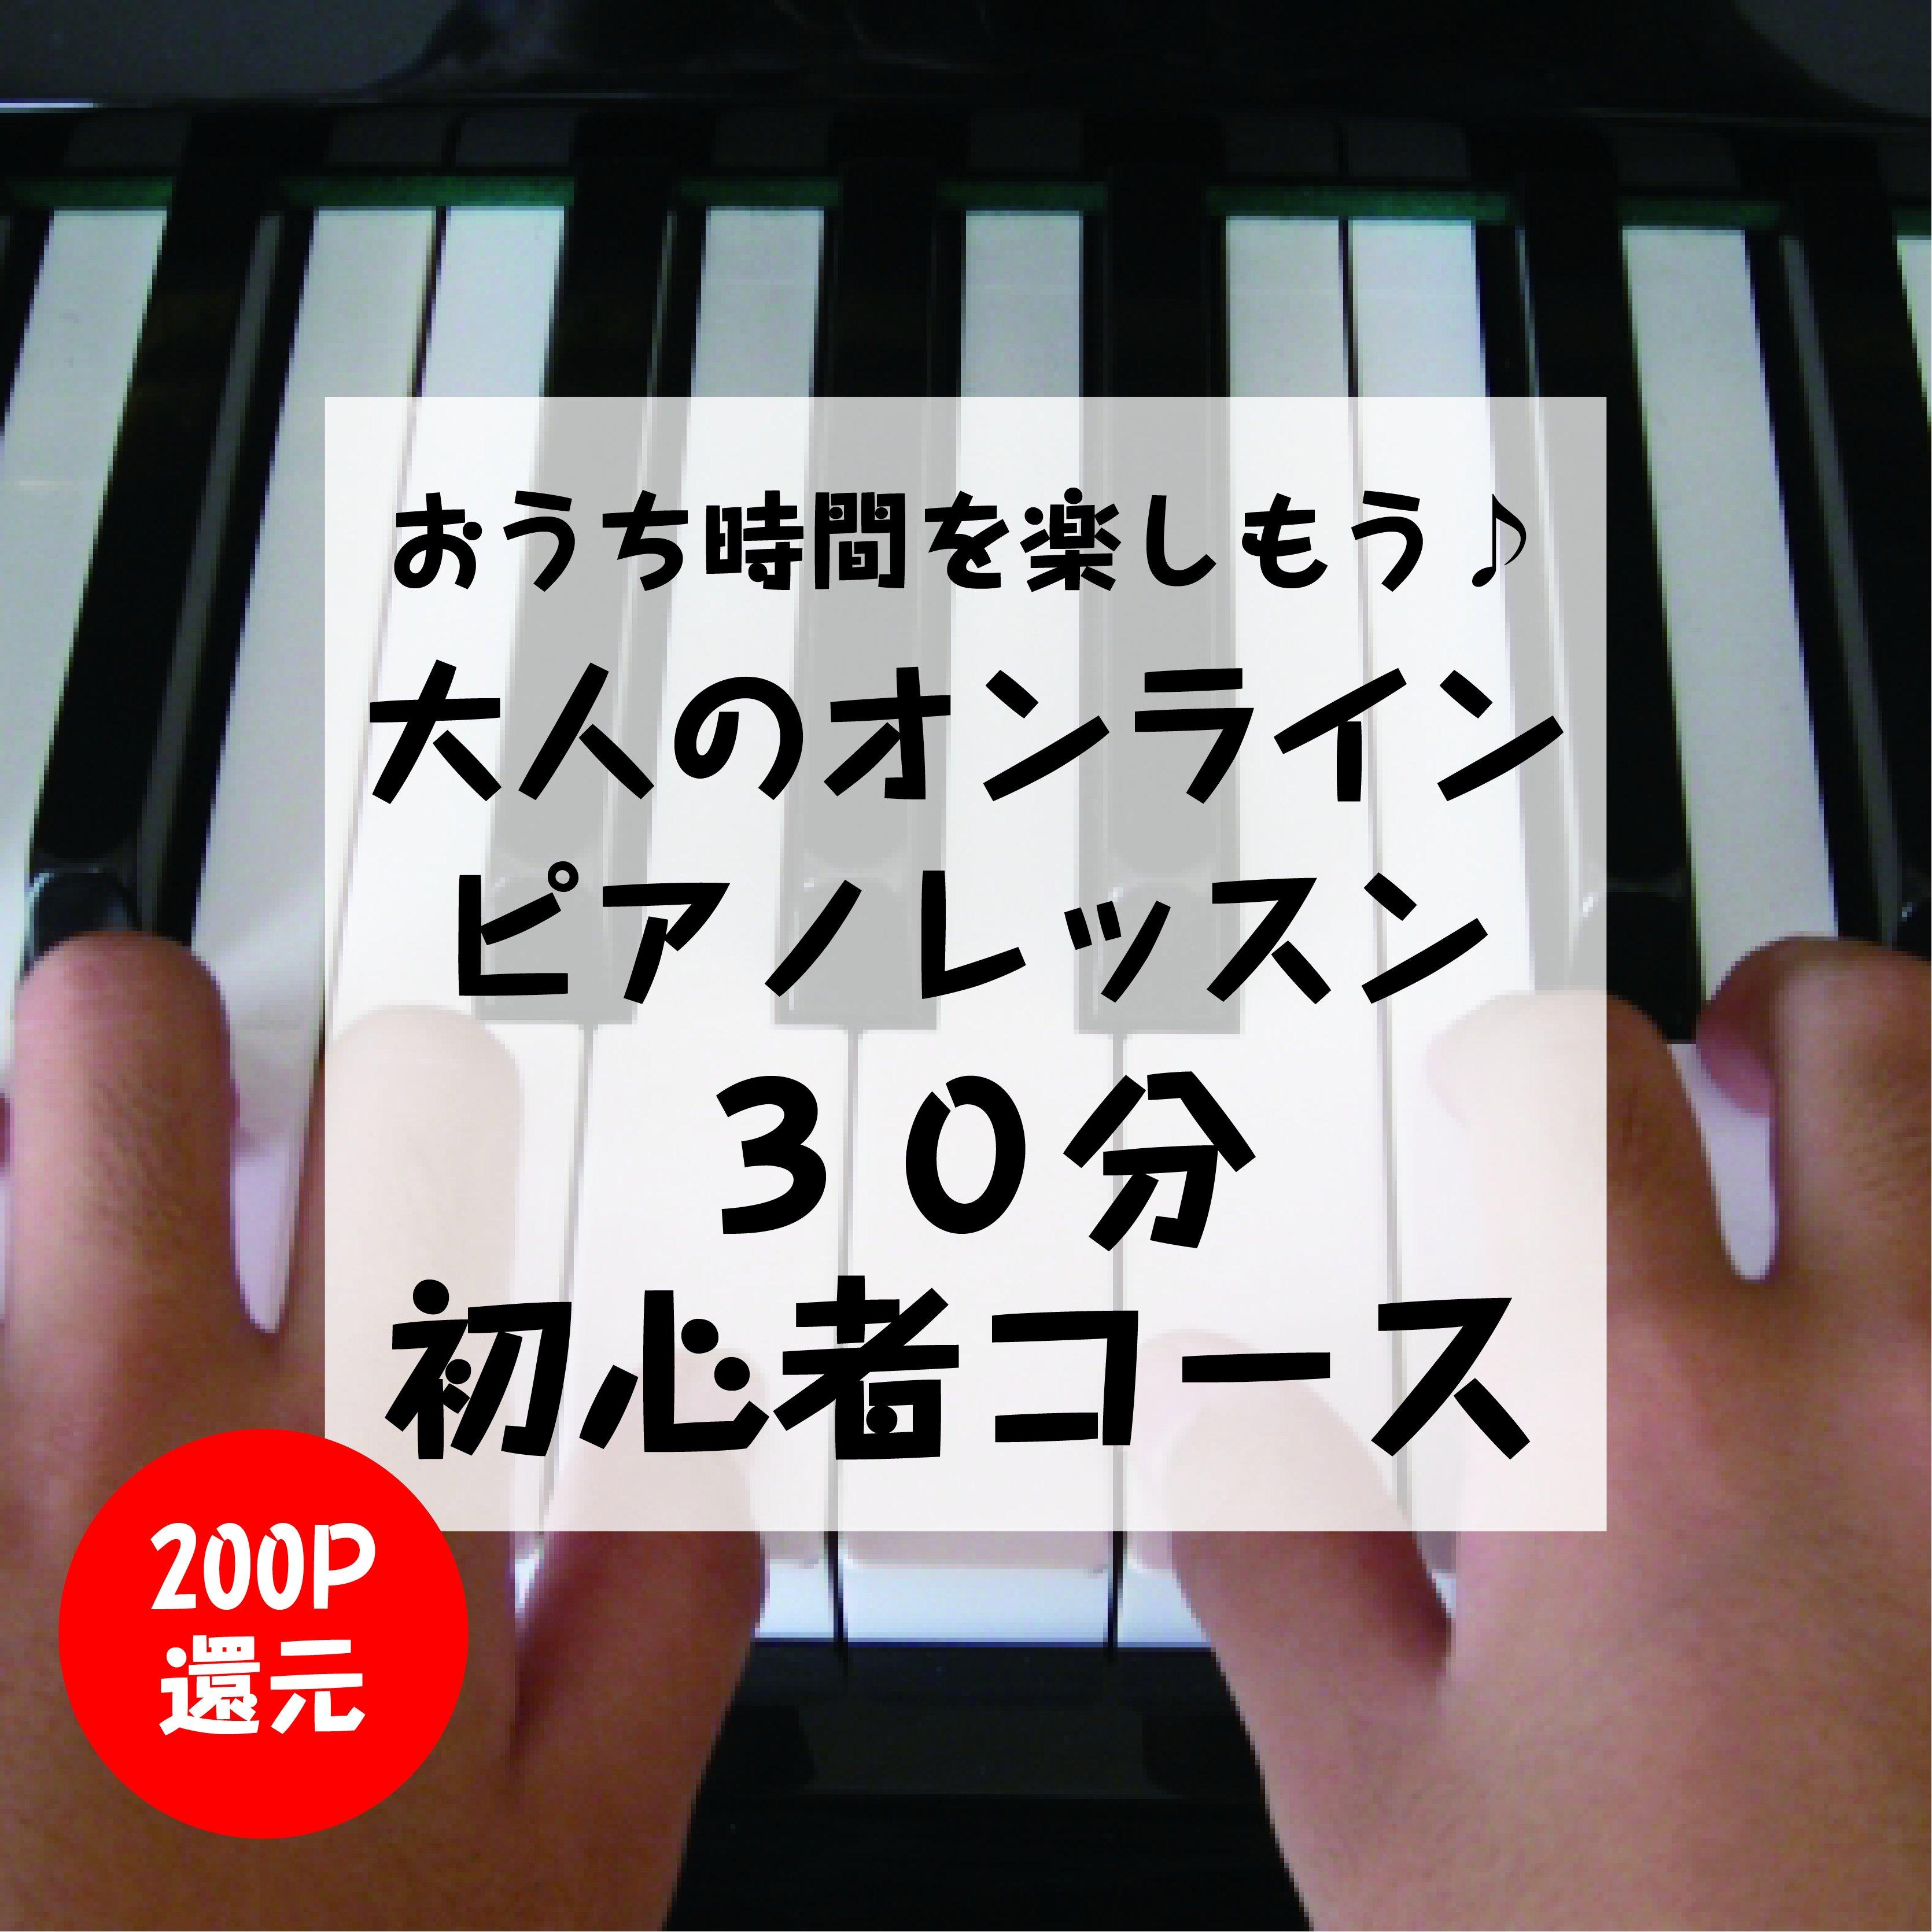 【大人のオンライン・ピアノレッスン】初心者コース30分 高ポイント還元のイメージその1